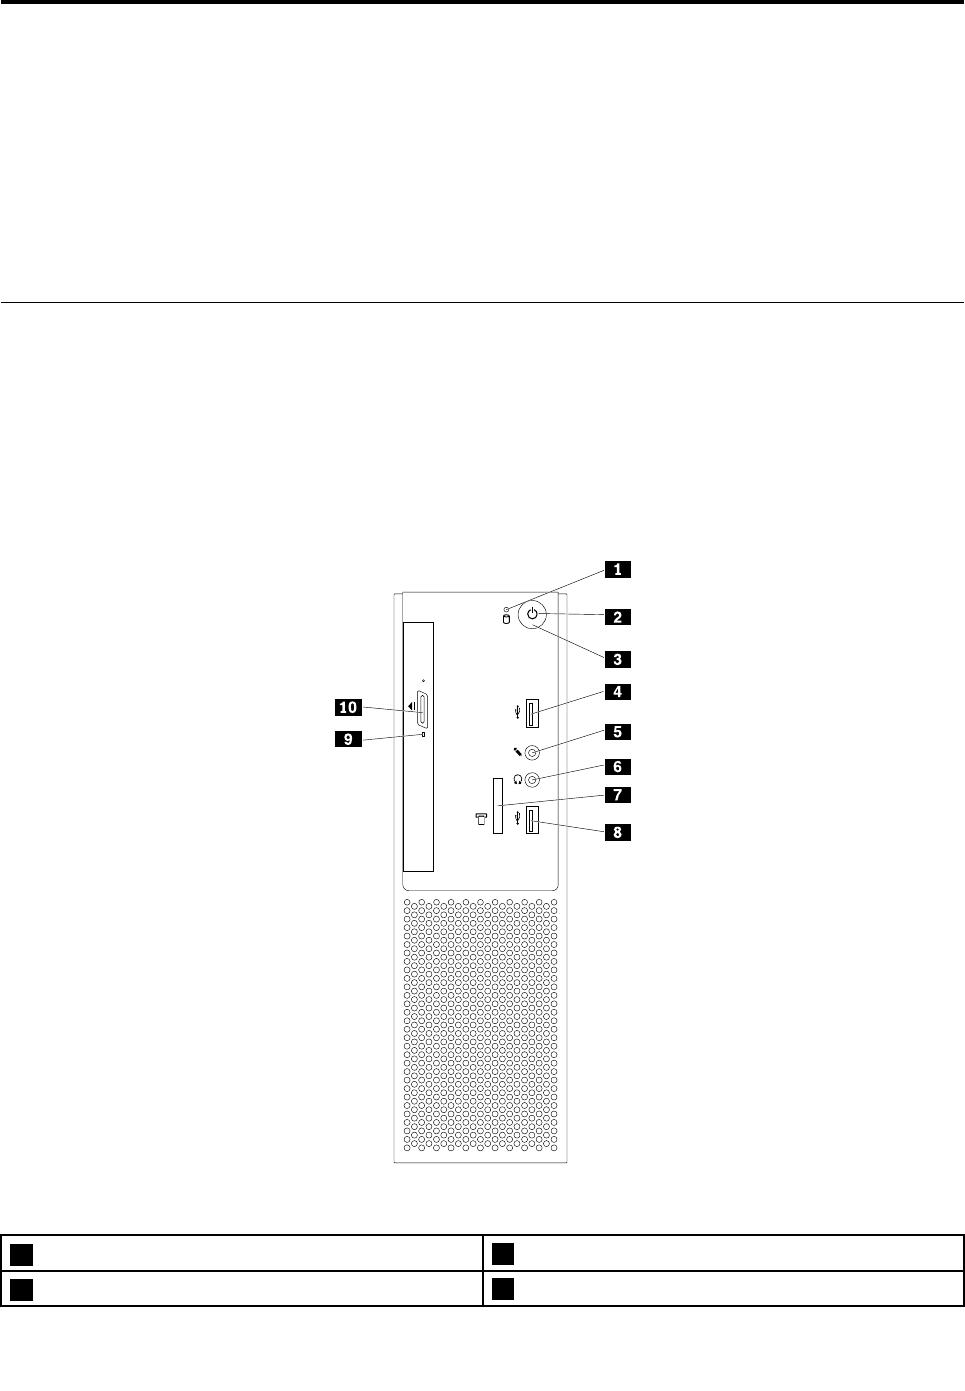 Lenovo S510 Sff Ug Ja User Manual ユーザーガイド (Small Form